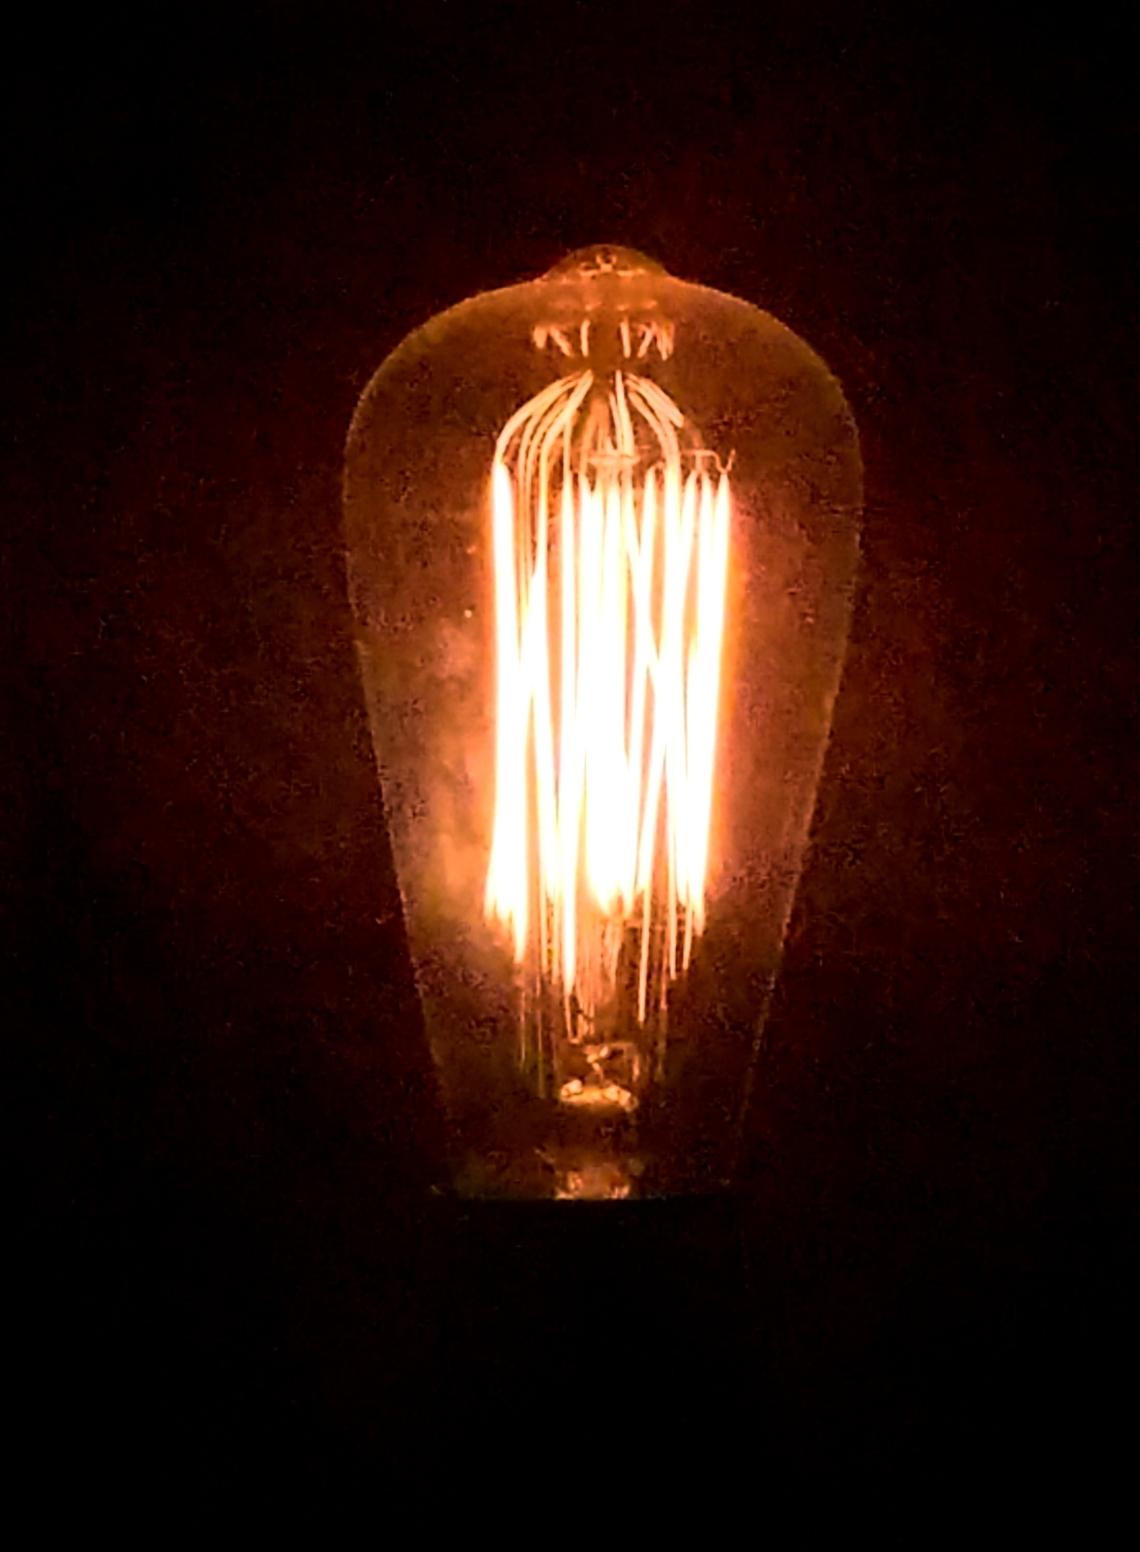 lightbulb-01-20180210_115303_25317743157_o_pe